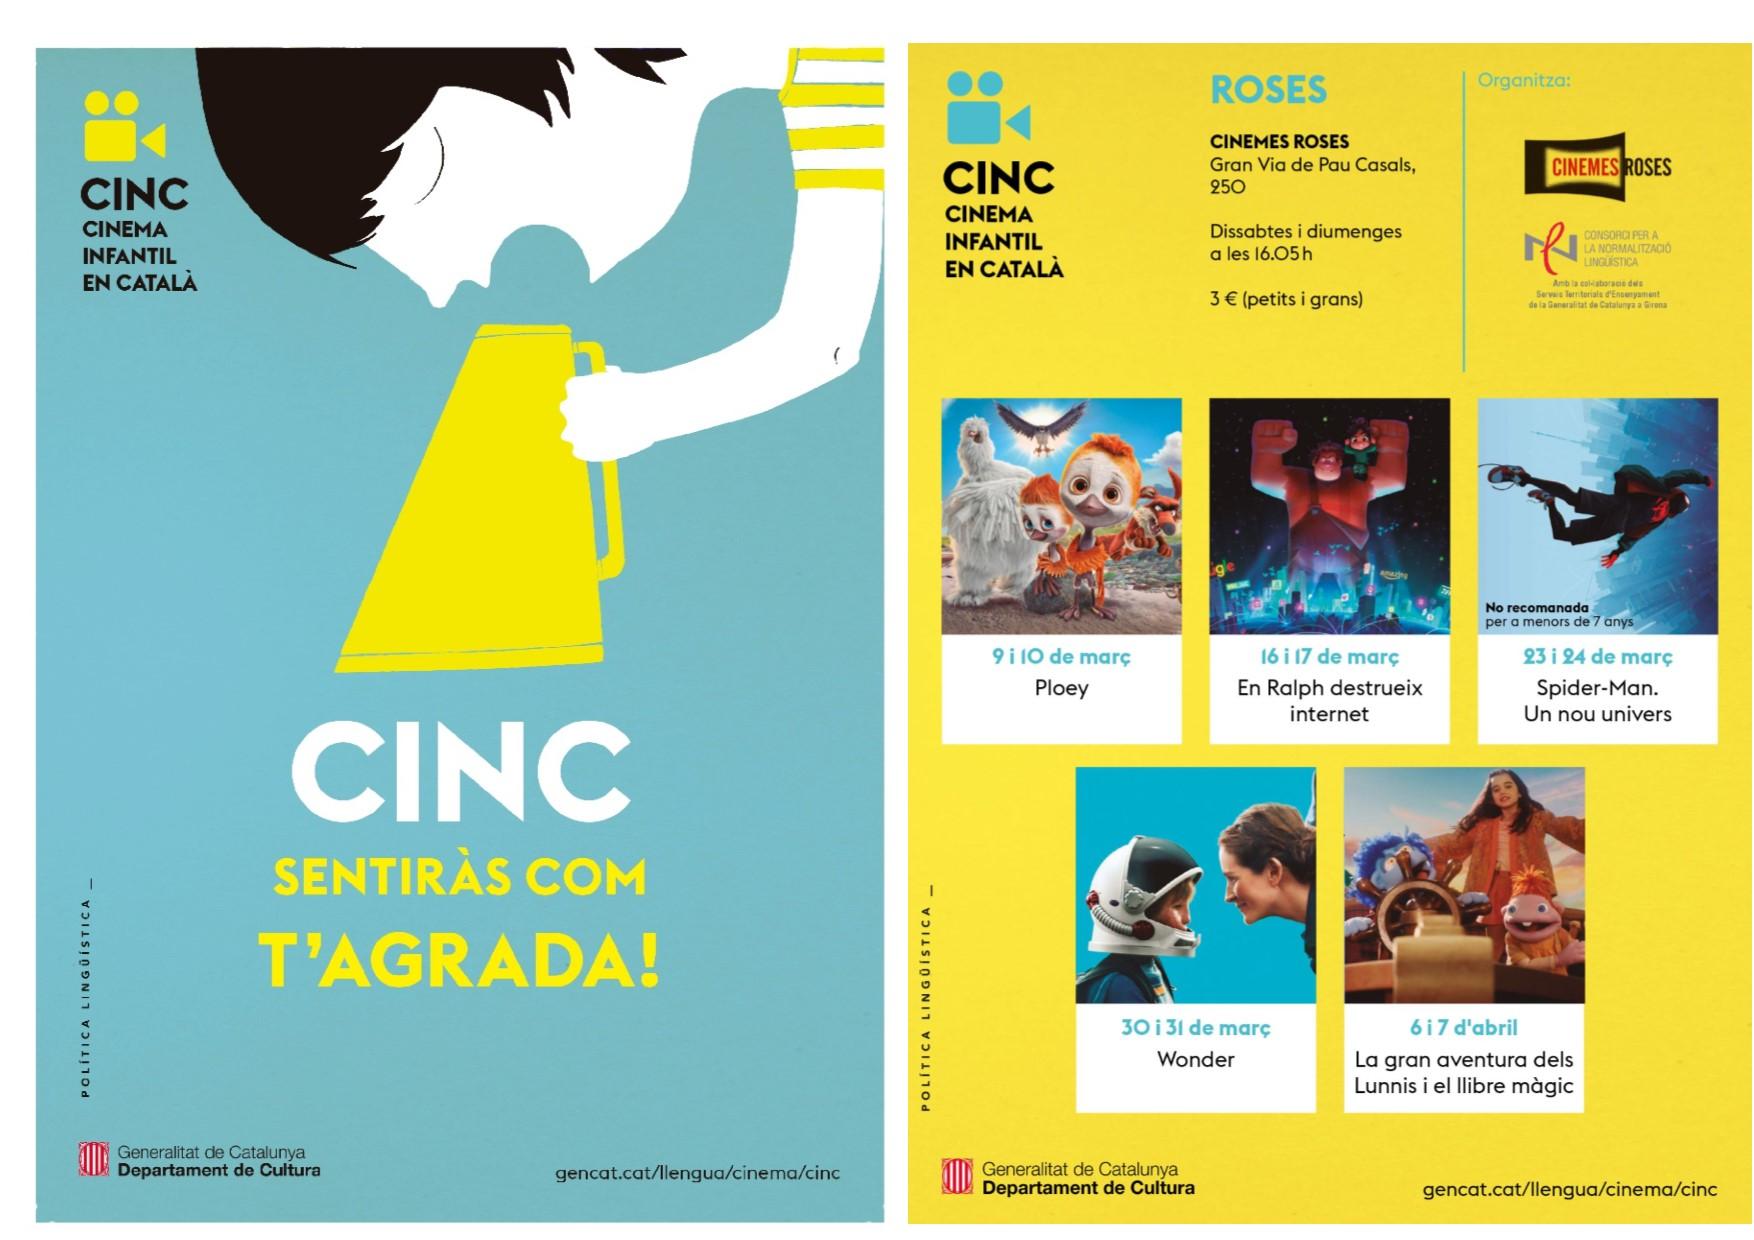 El Cinema Infantil en Català (CINC) tanca el cicle de primavera amb 587 espectadors als Cinemes Roses